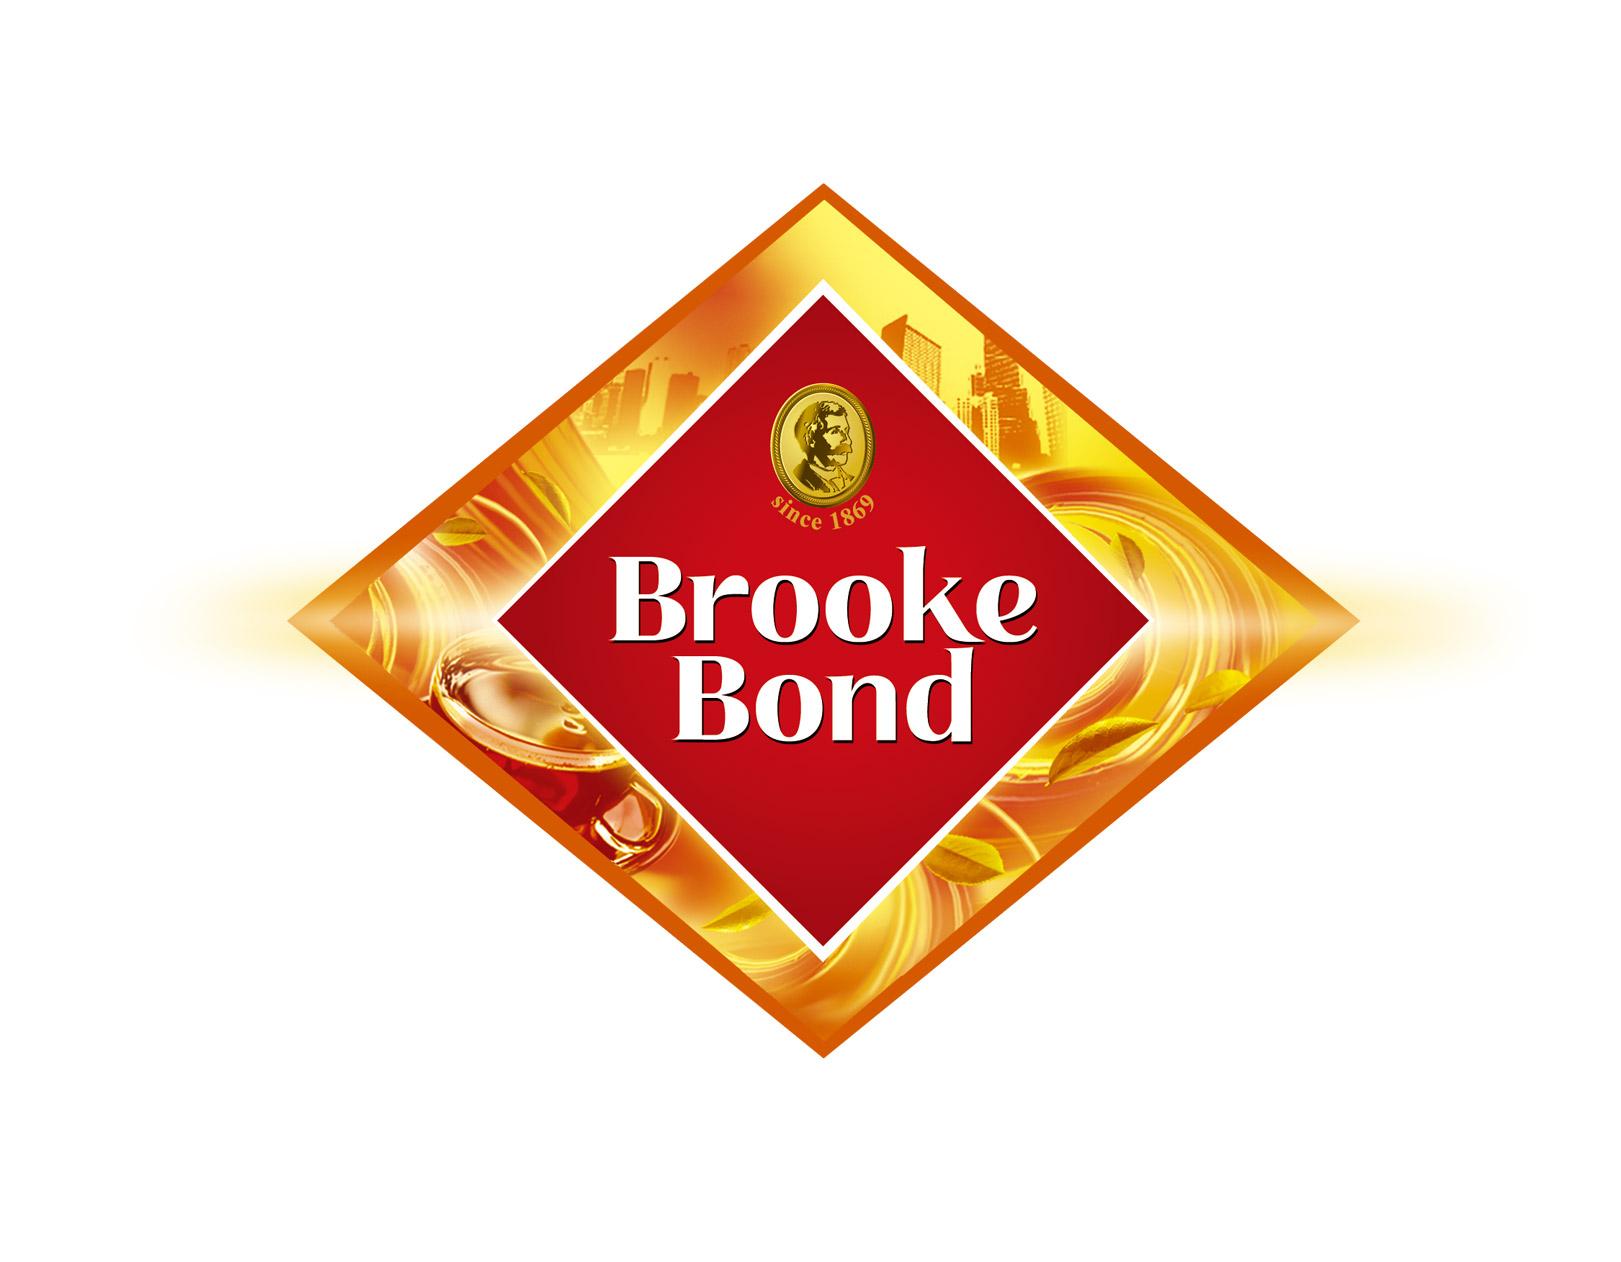 Brooke Bond - Wikipedia